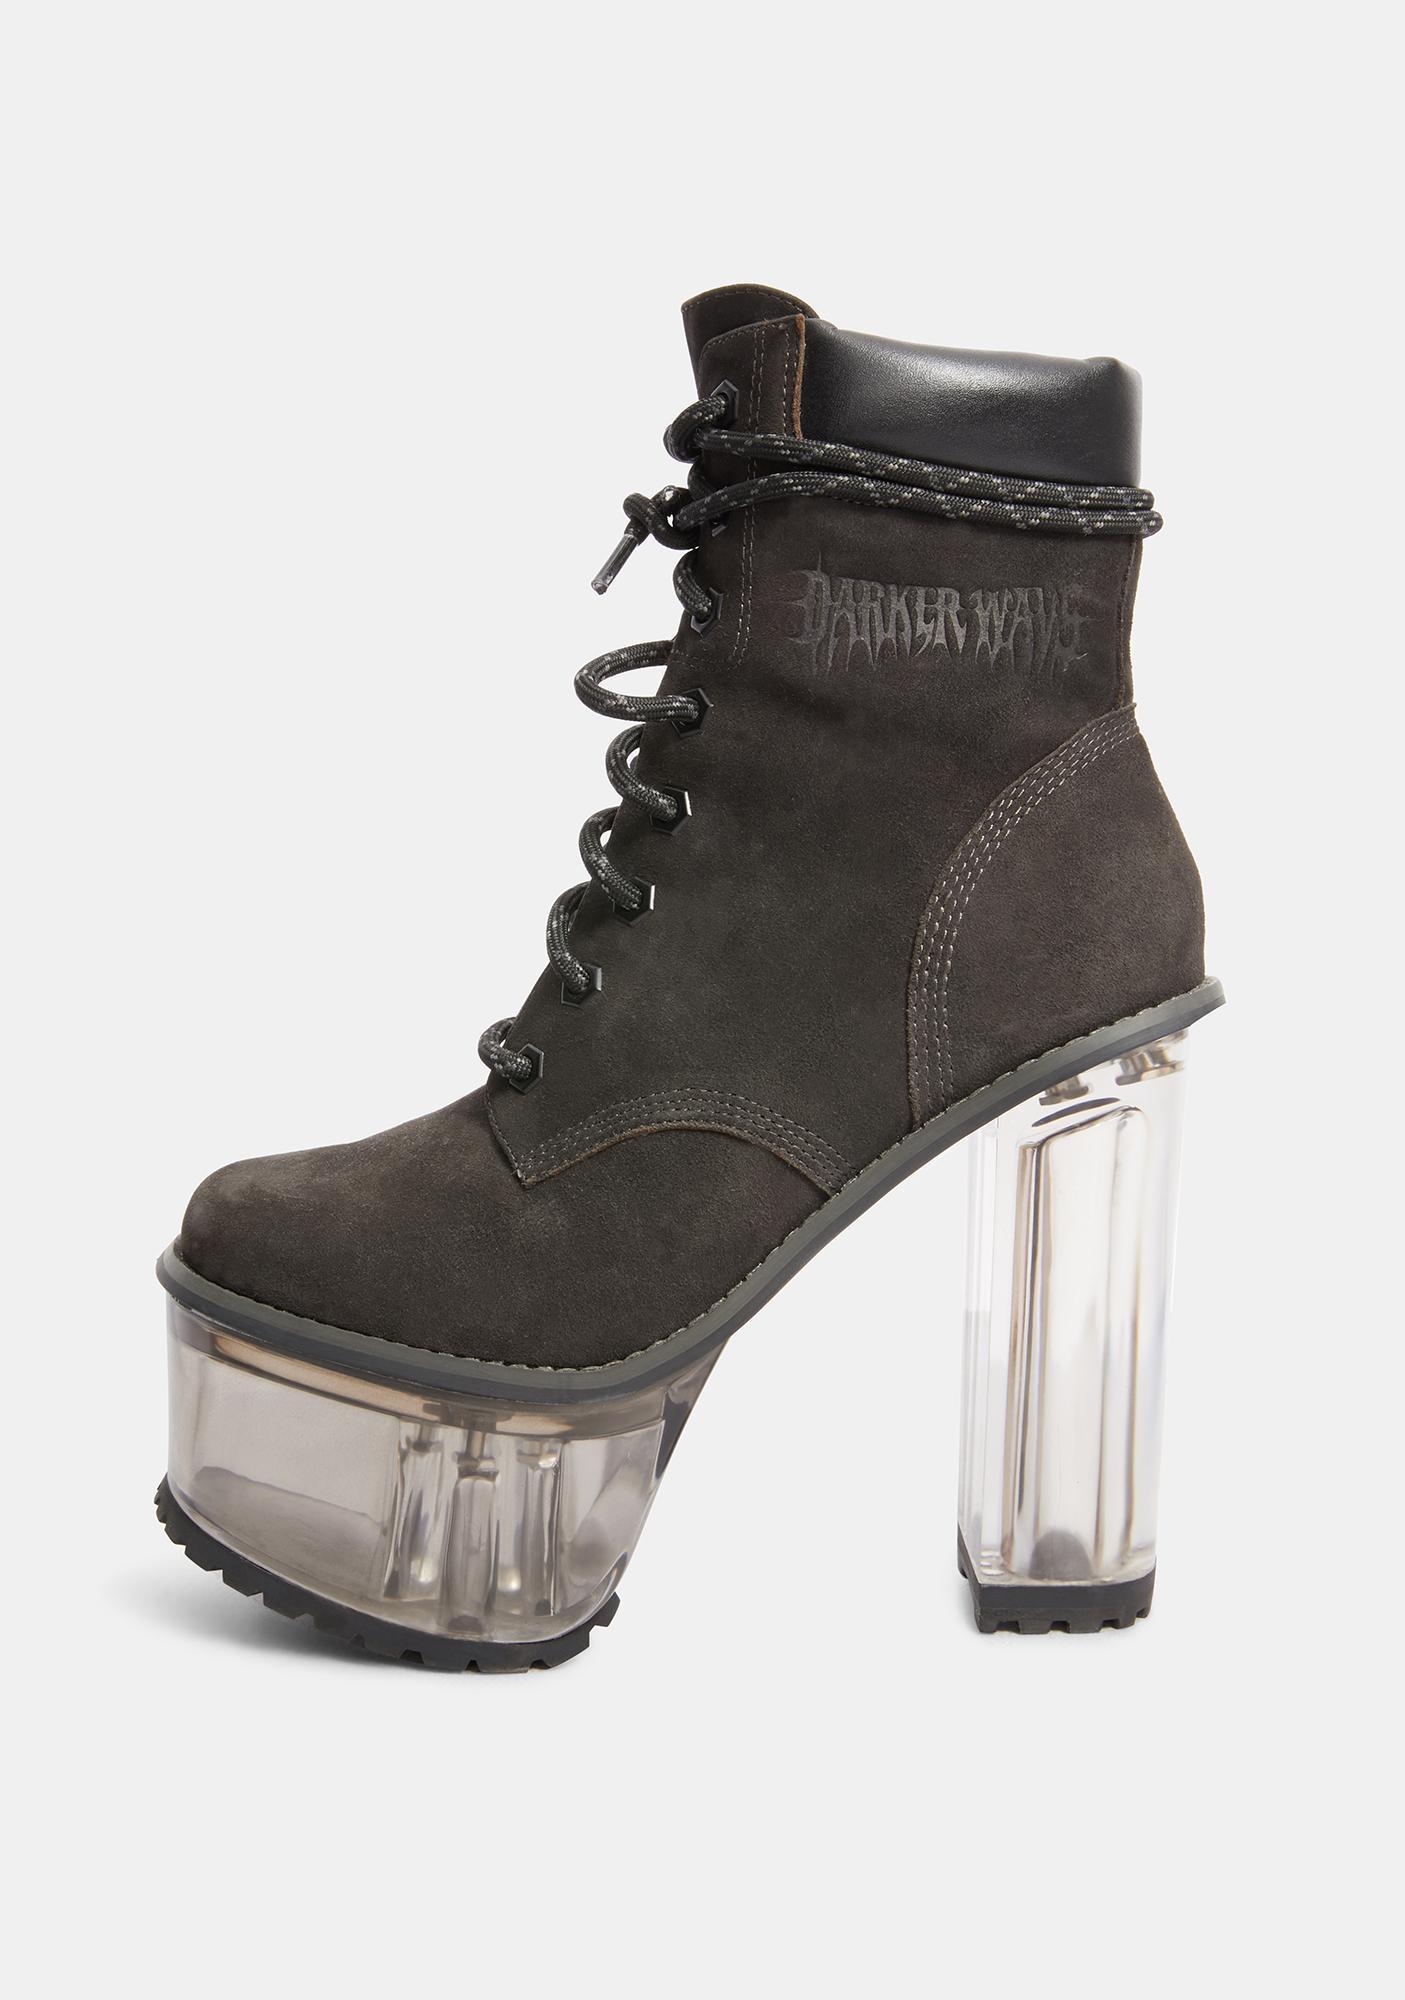 DARKER WAVS Kickdrum Clear Heeled Suede Work Boots